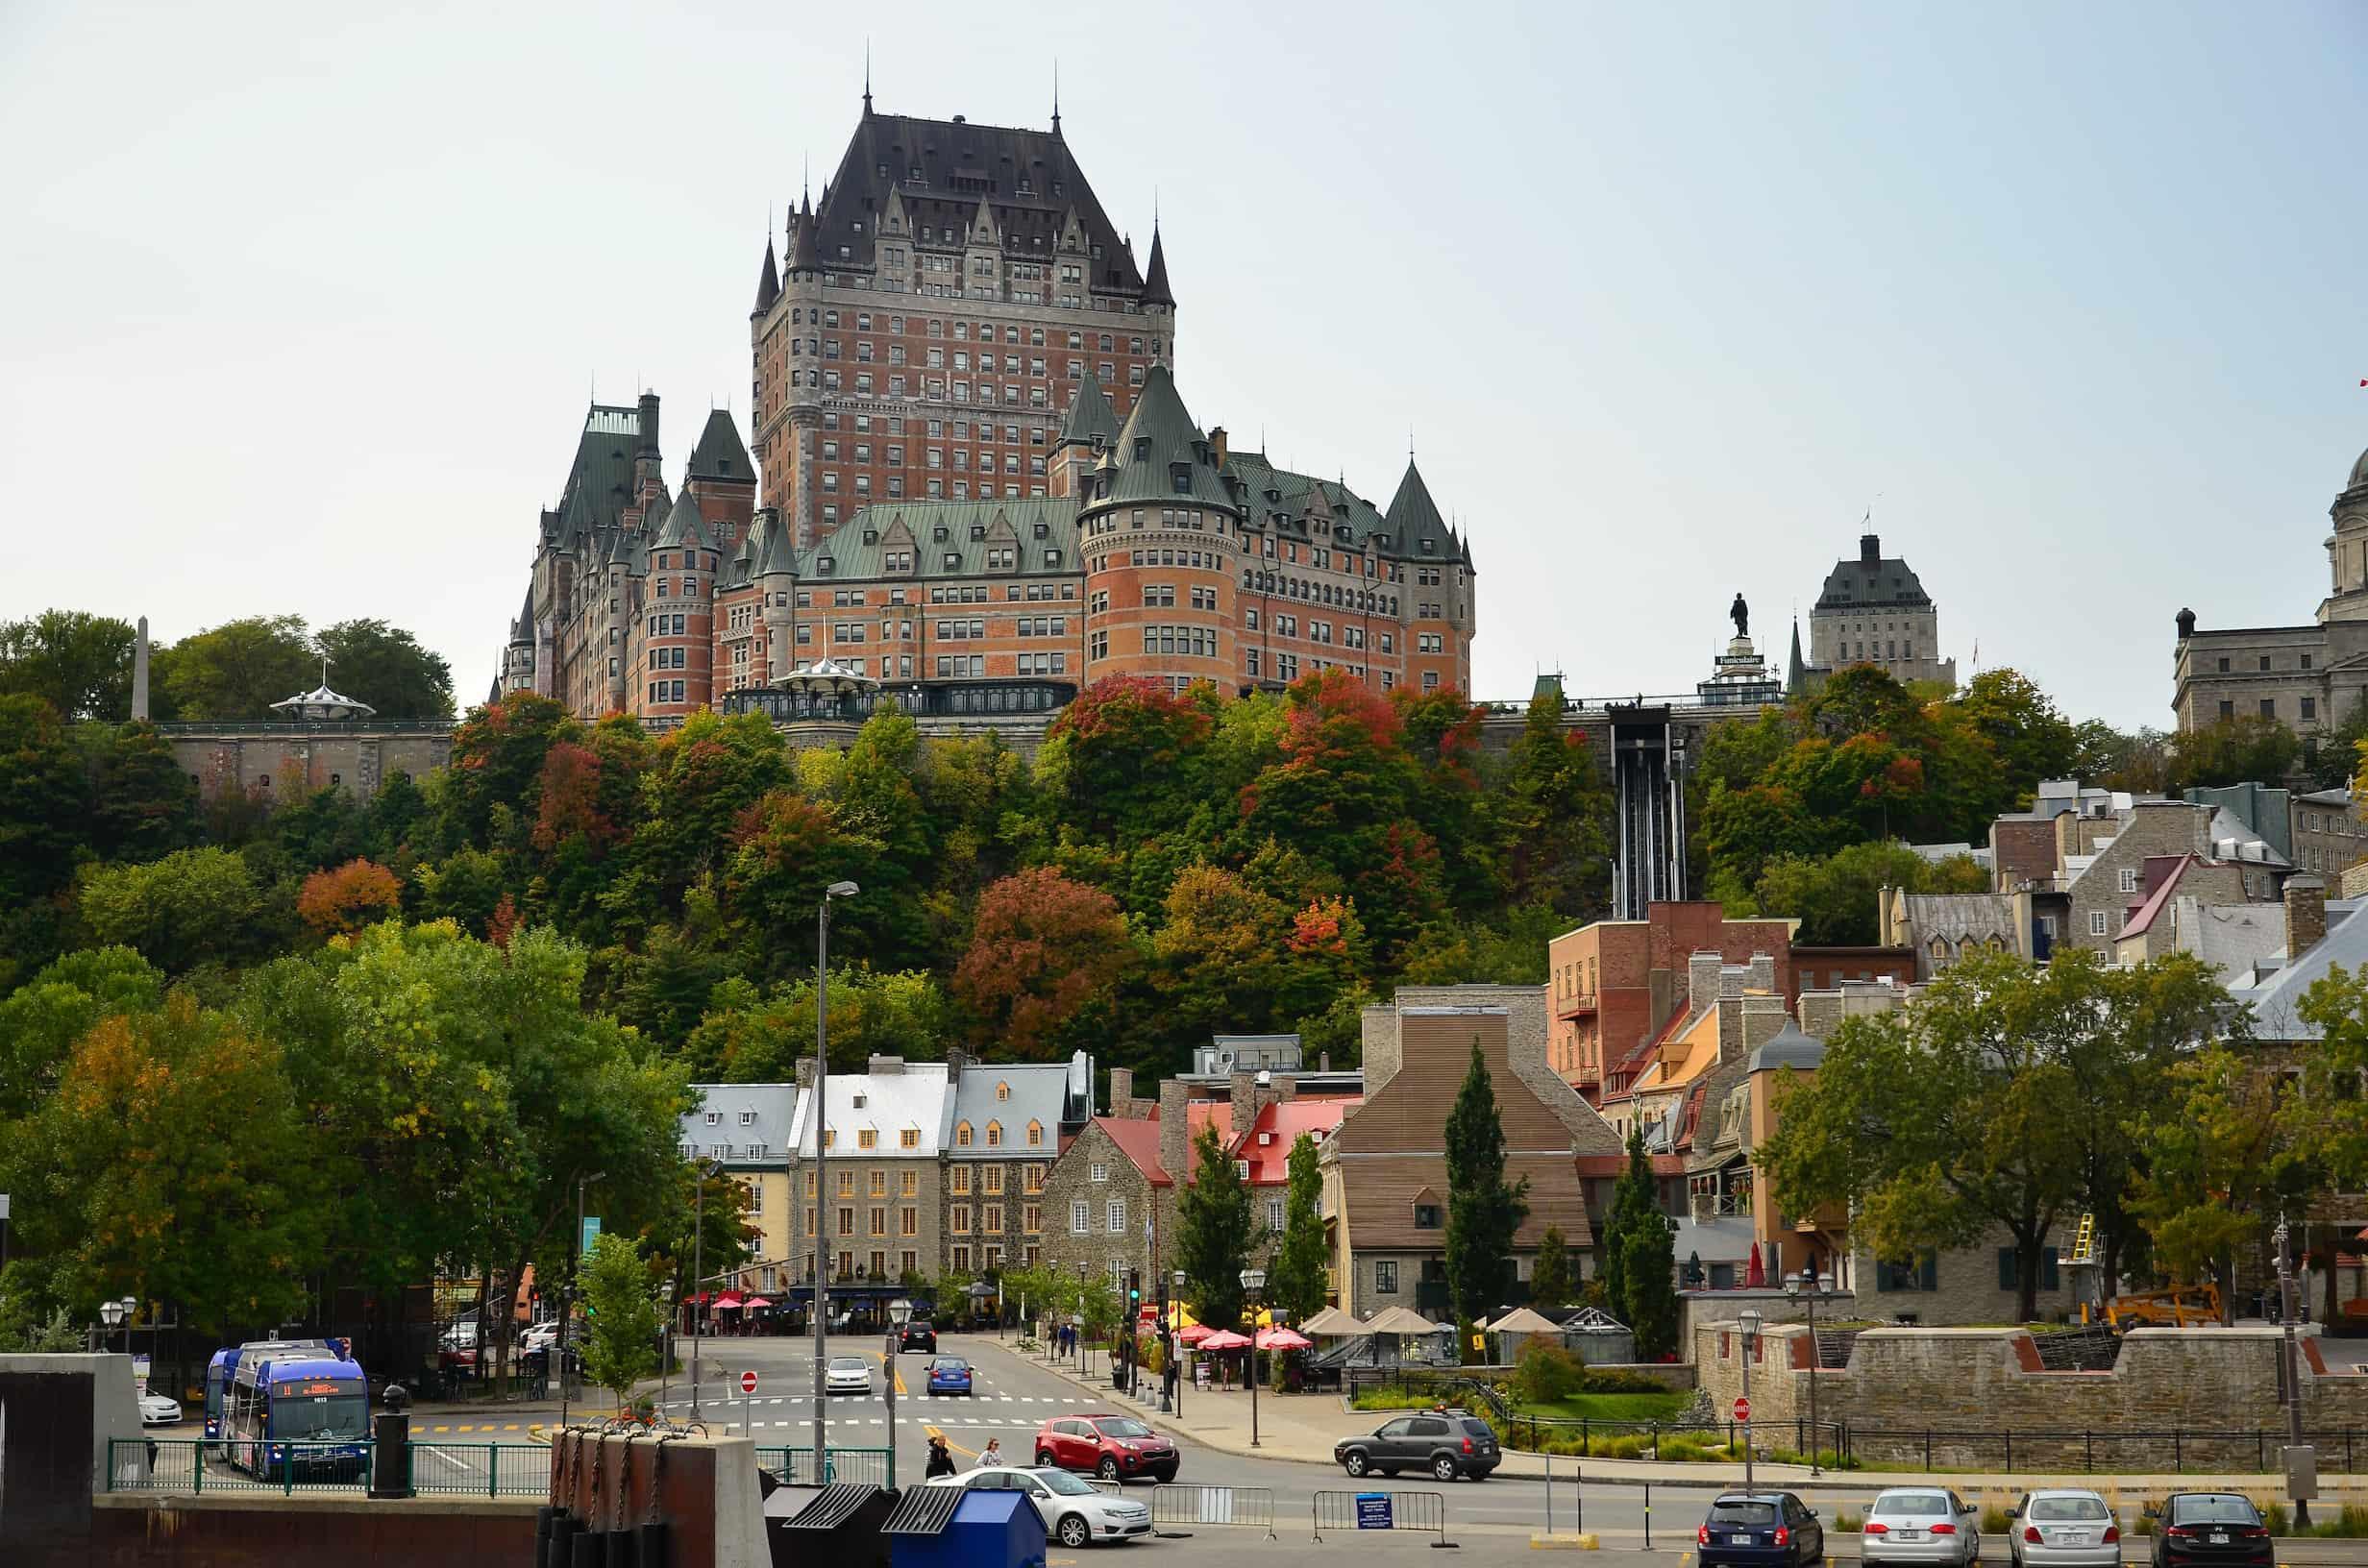 Làm việc tại Canada – Chương trình Lao động Tạm thời